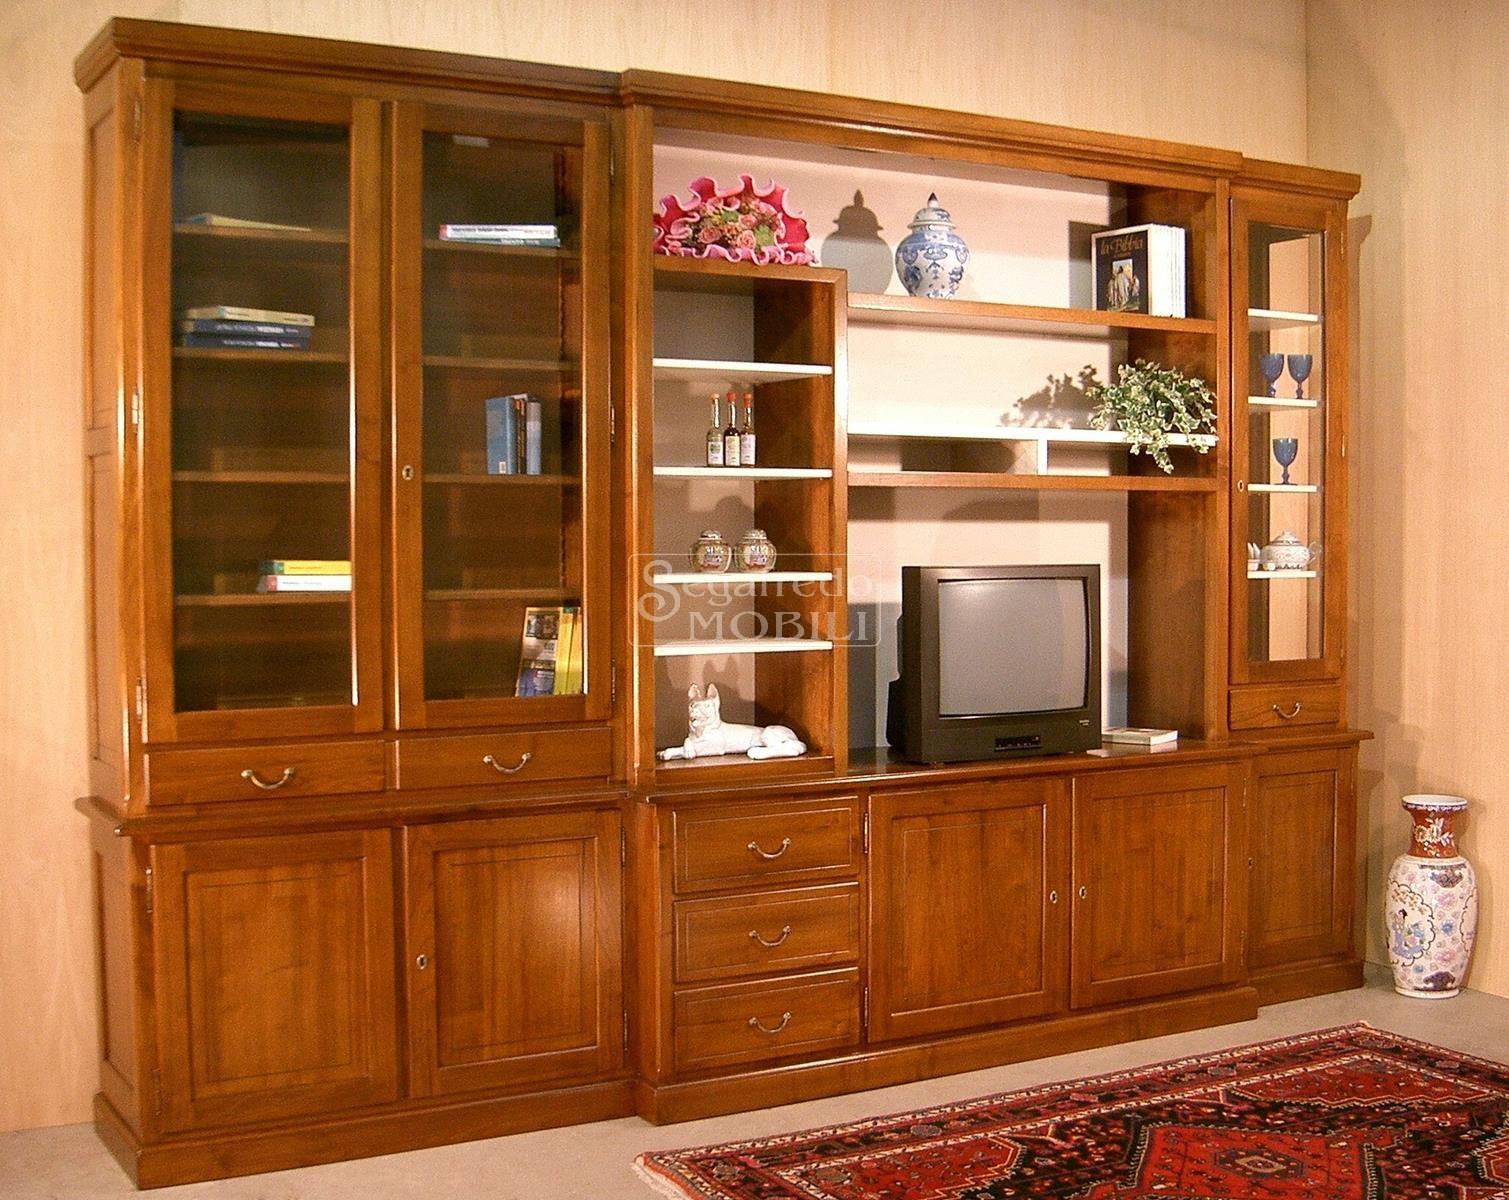 Mobile a parete su misura per il soggiorno in legno massello ...